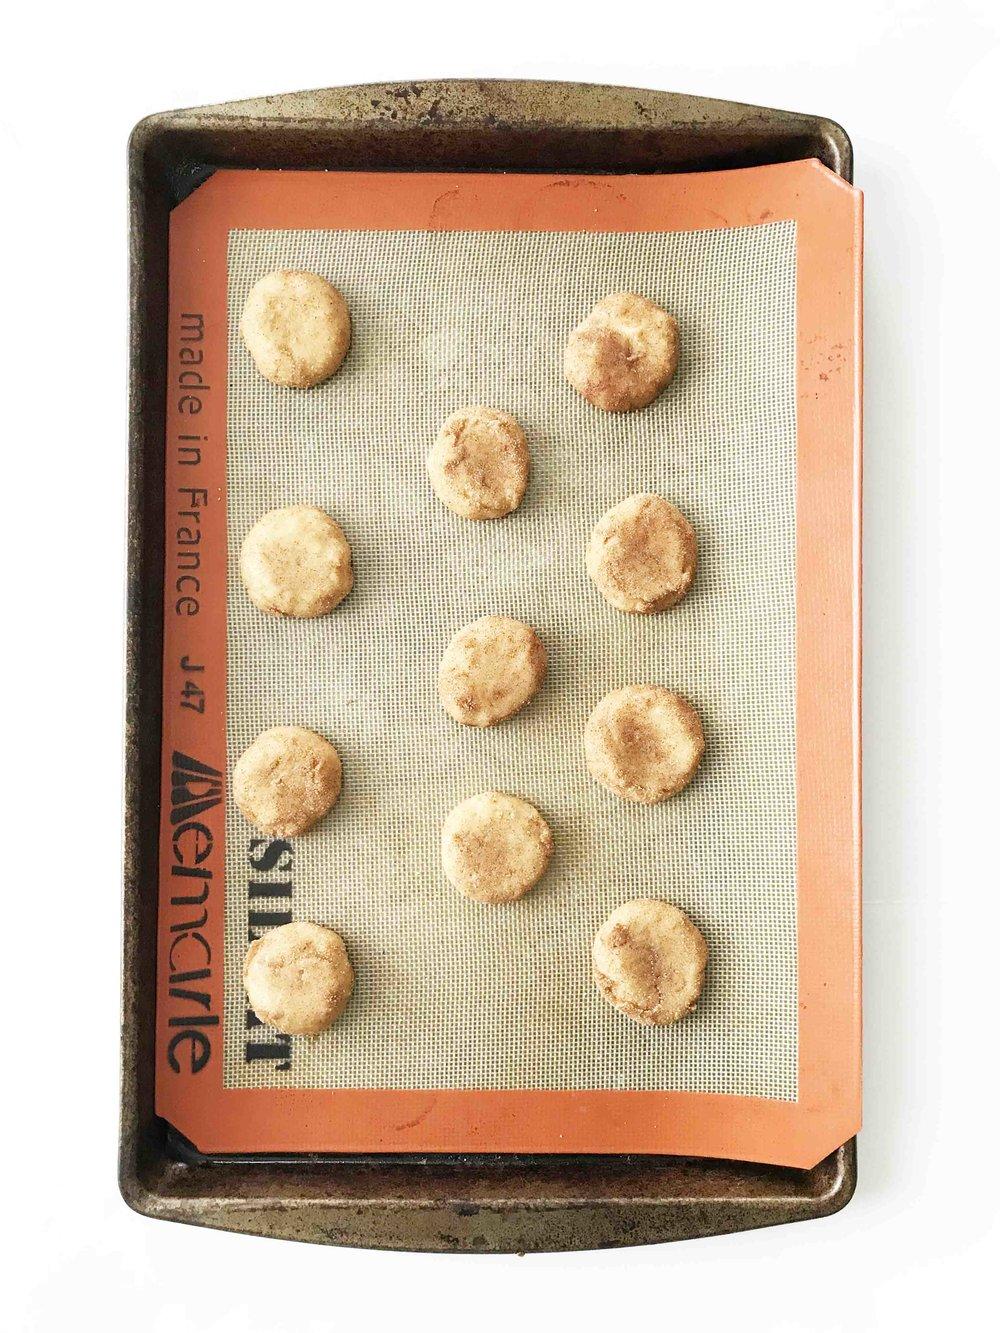 bananadoodle-cookies5.jpg